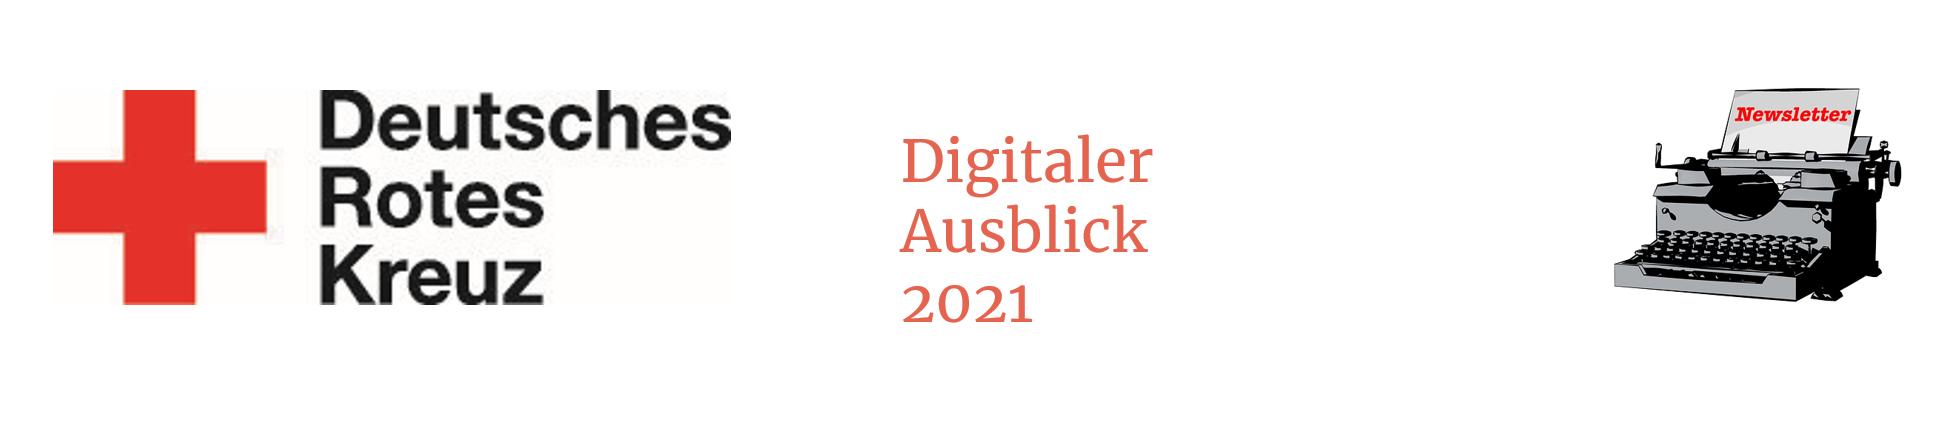 """Links das Logo des DRK, in der Mitte steht """"Digitaler Ausblick 2021"""" und rechts ist eine Schreibmaschine abgebildet."""